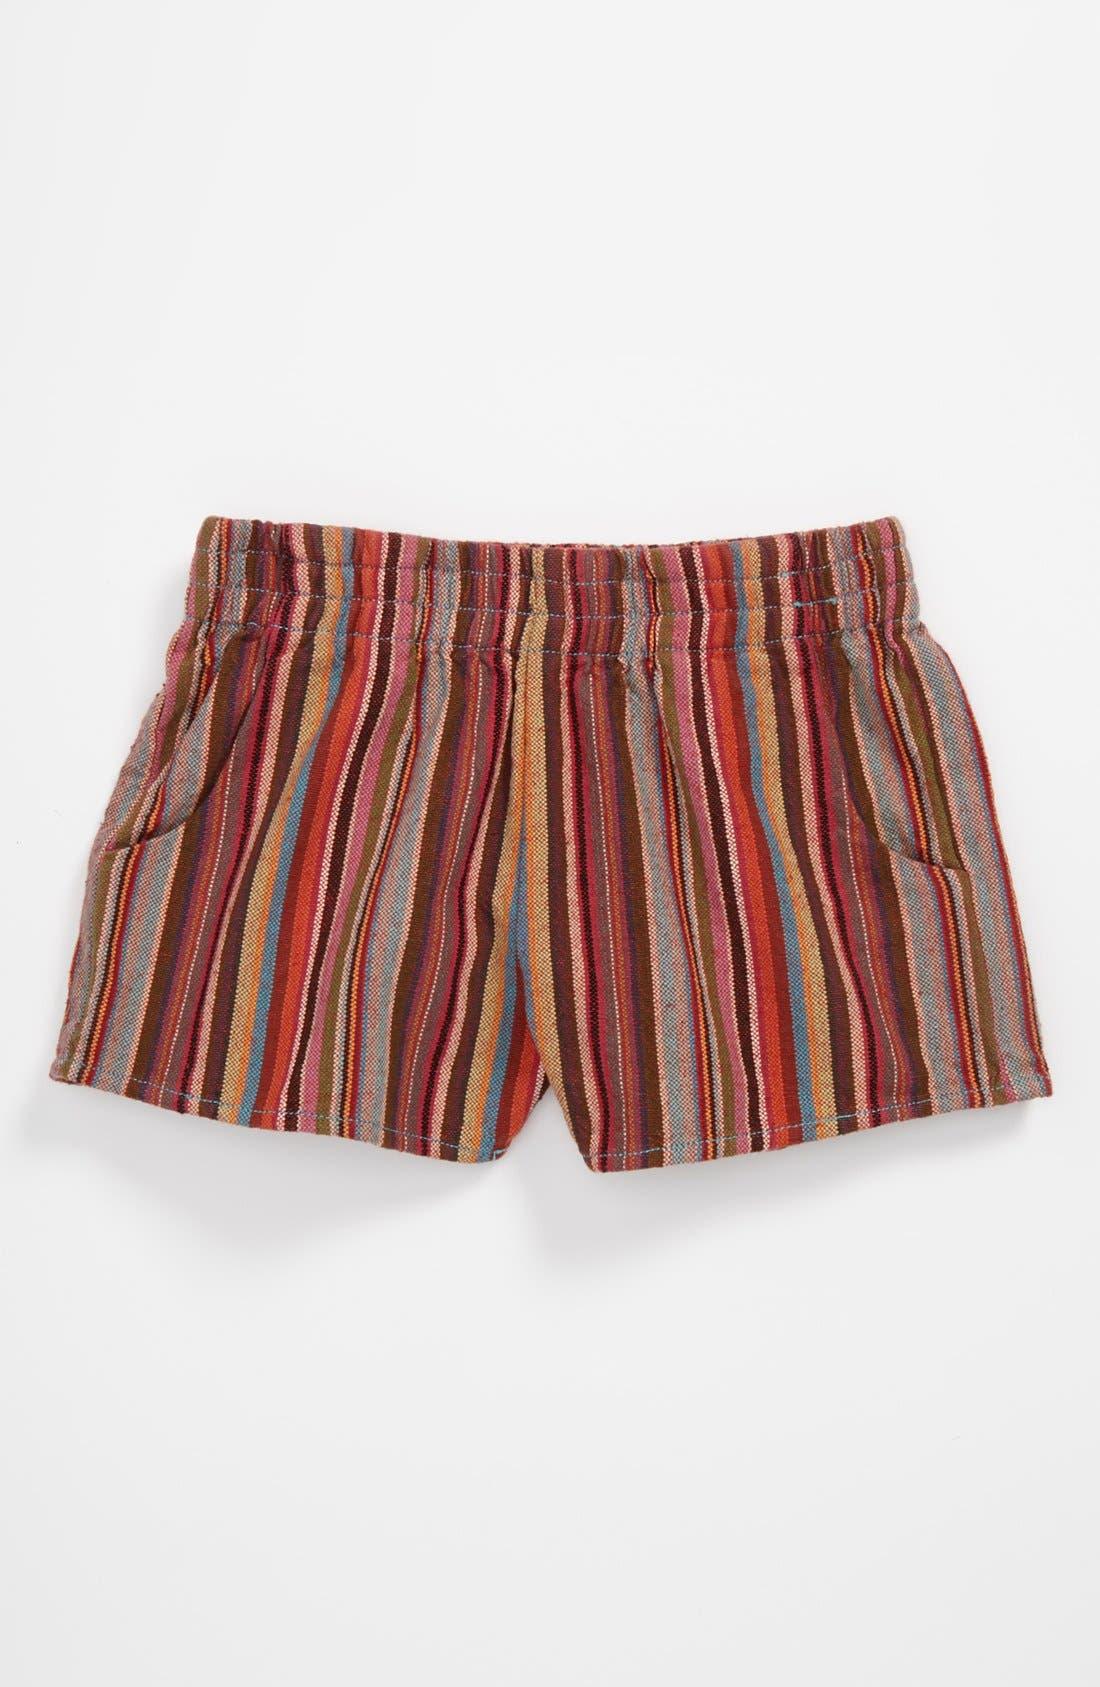 Alternate Image 1 Selected - Peek 'Maya' Shorts (Toddler, Little Girls & Big Girls)